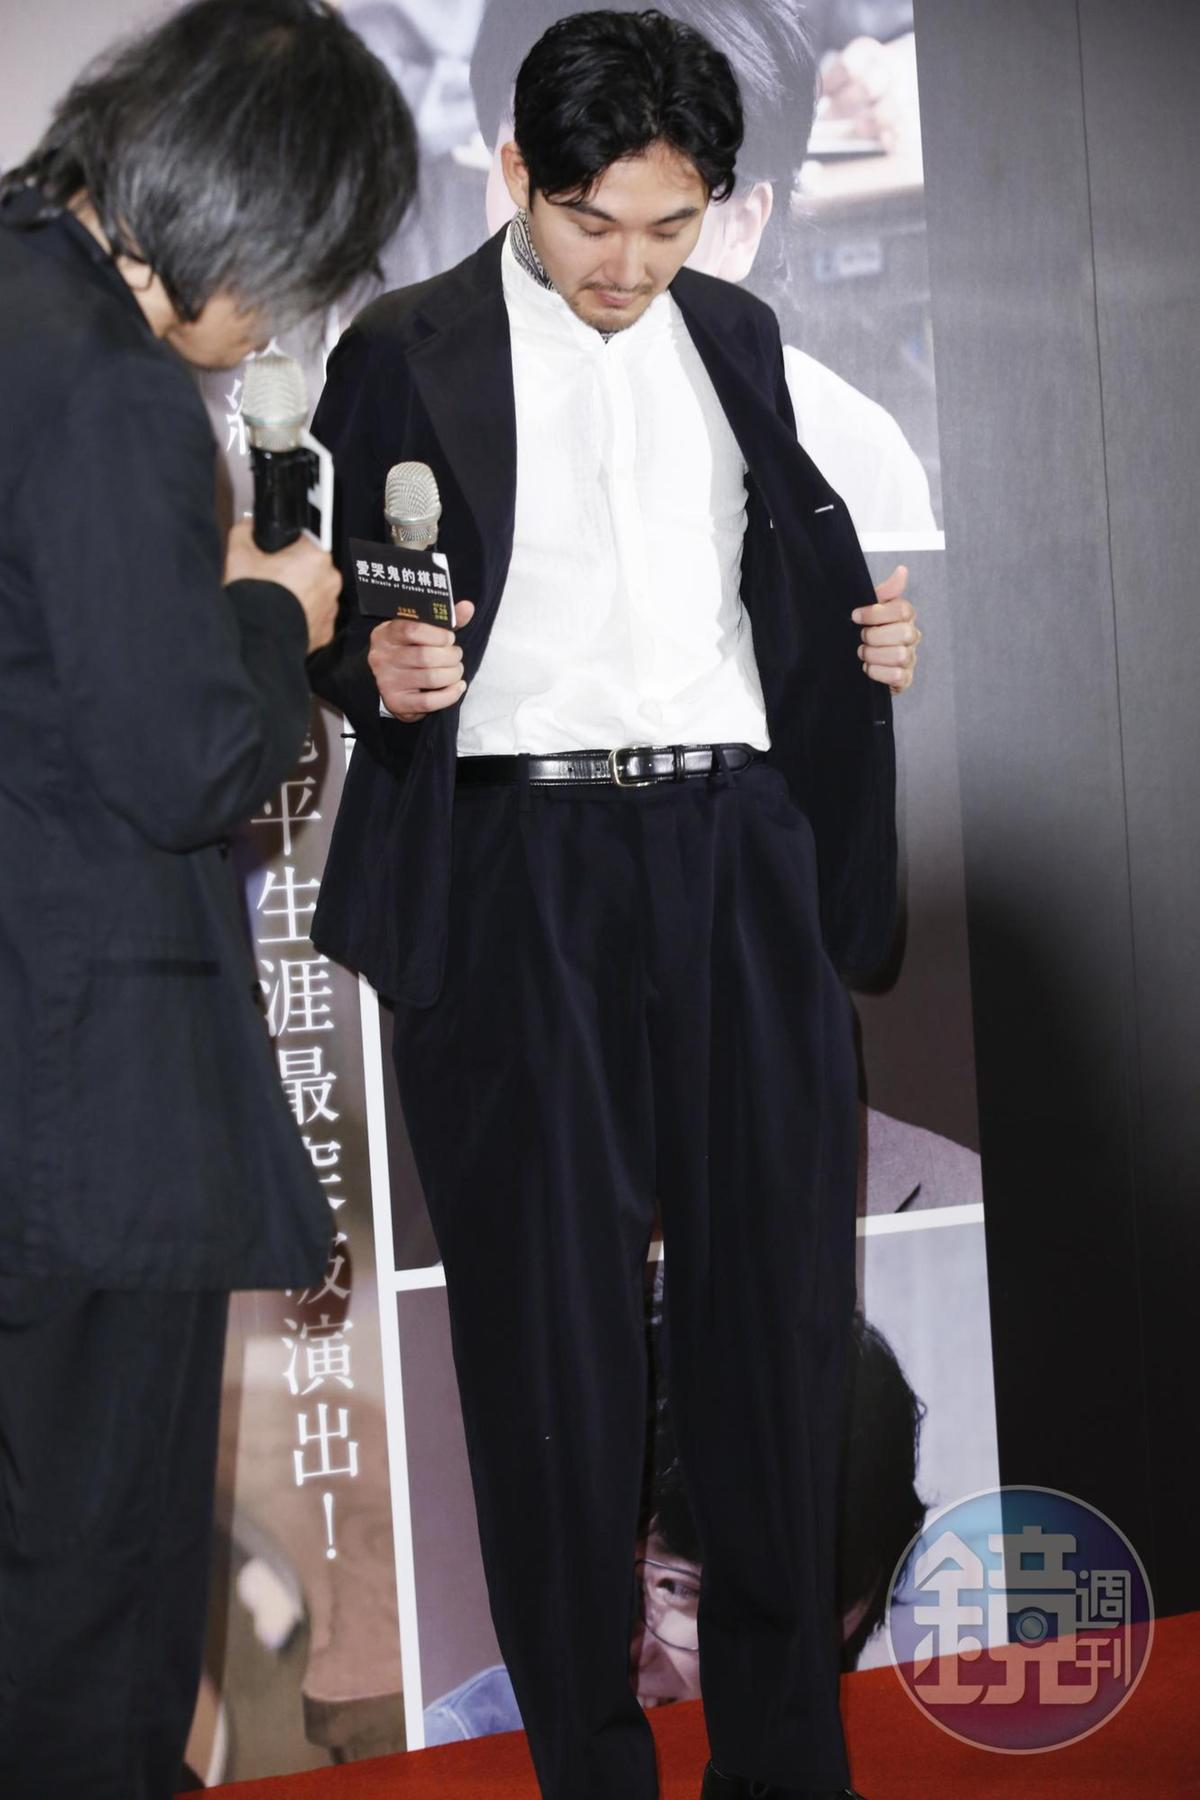 松田龍平大方在台上掀開外套讓大家檢查他的衣著,連導演也幫他檢查好幾次。